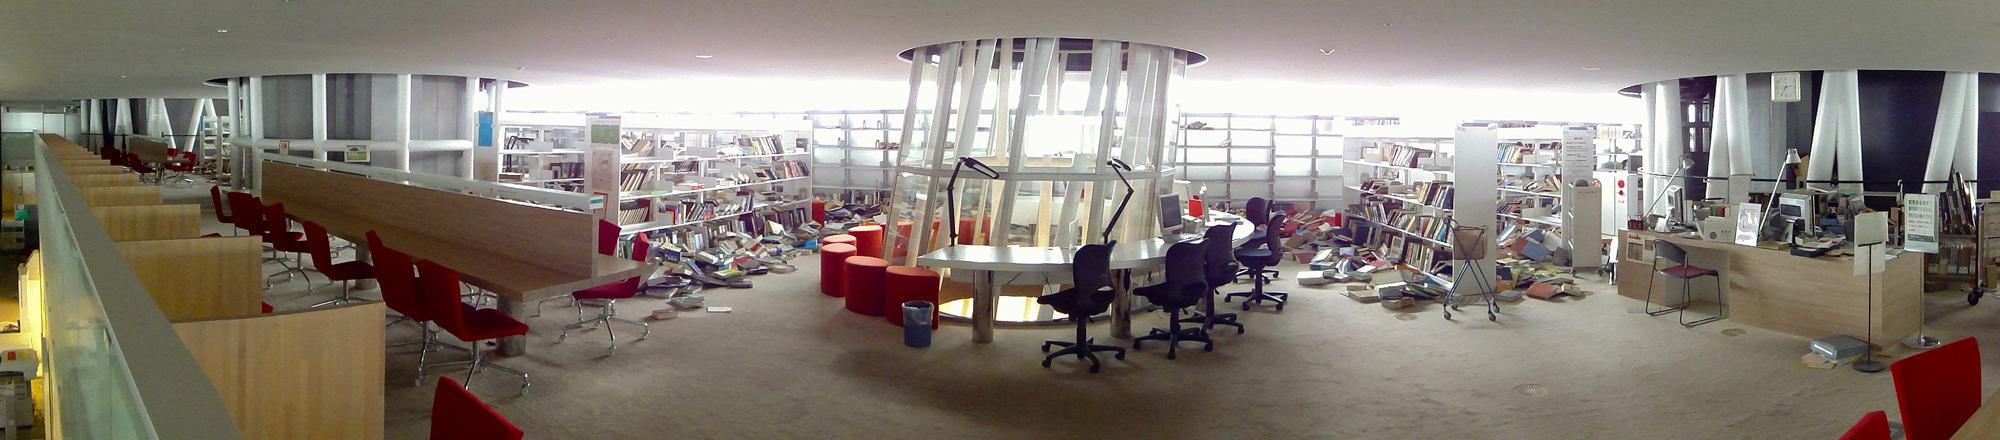 4階図書館パノラマ